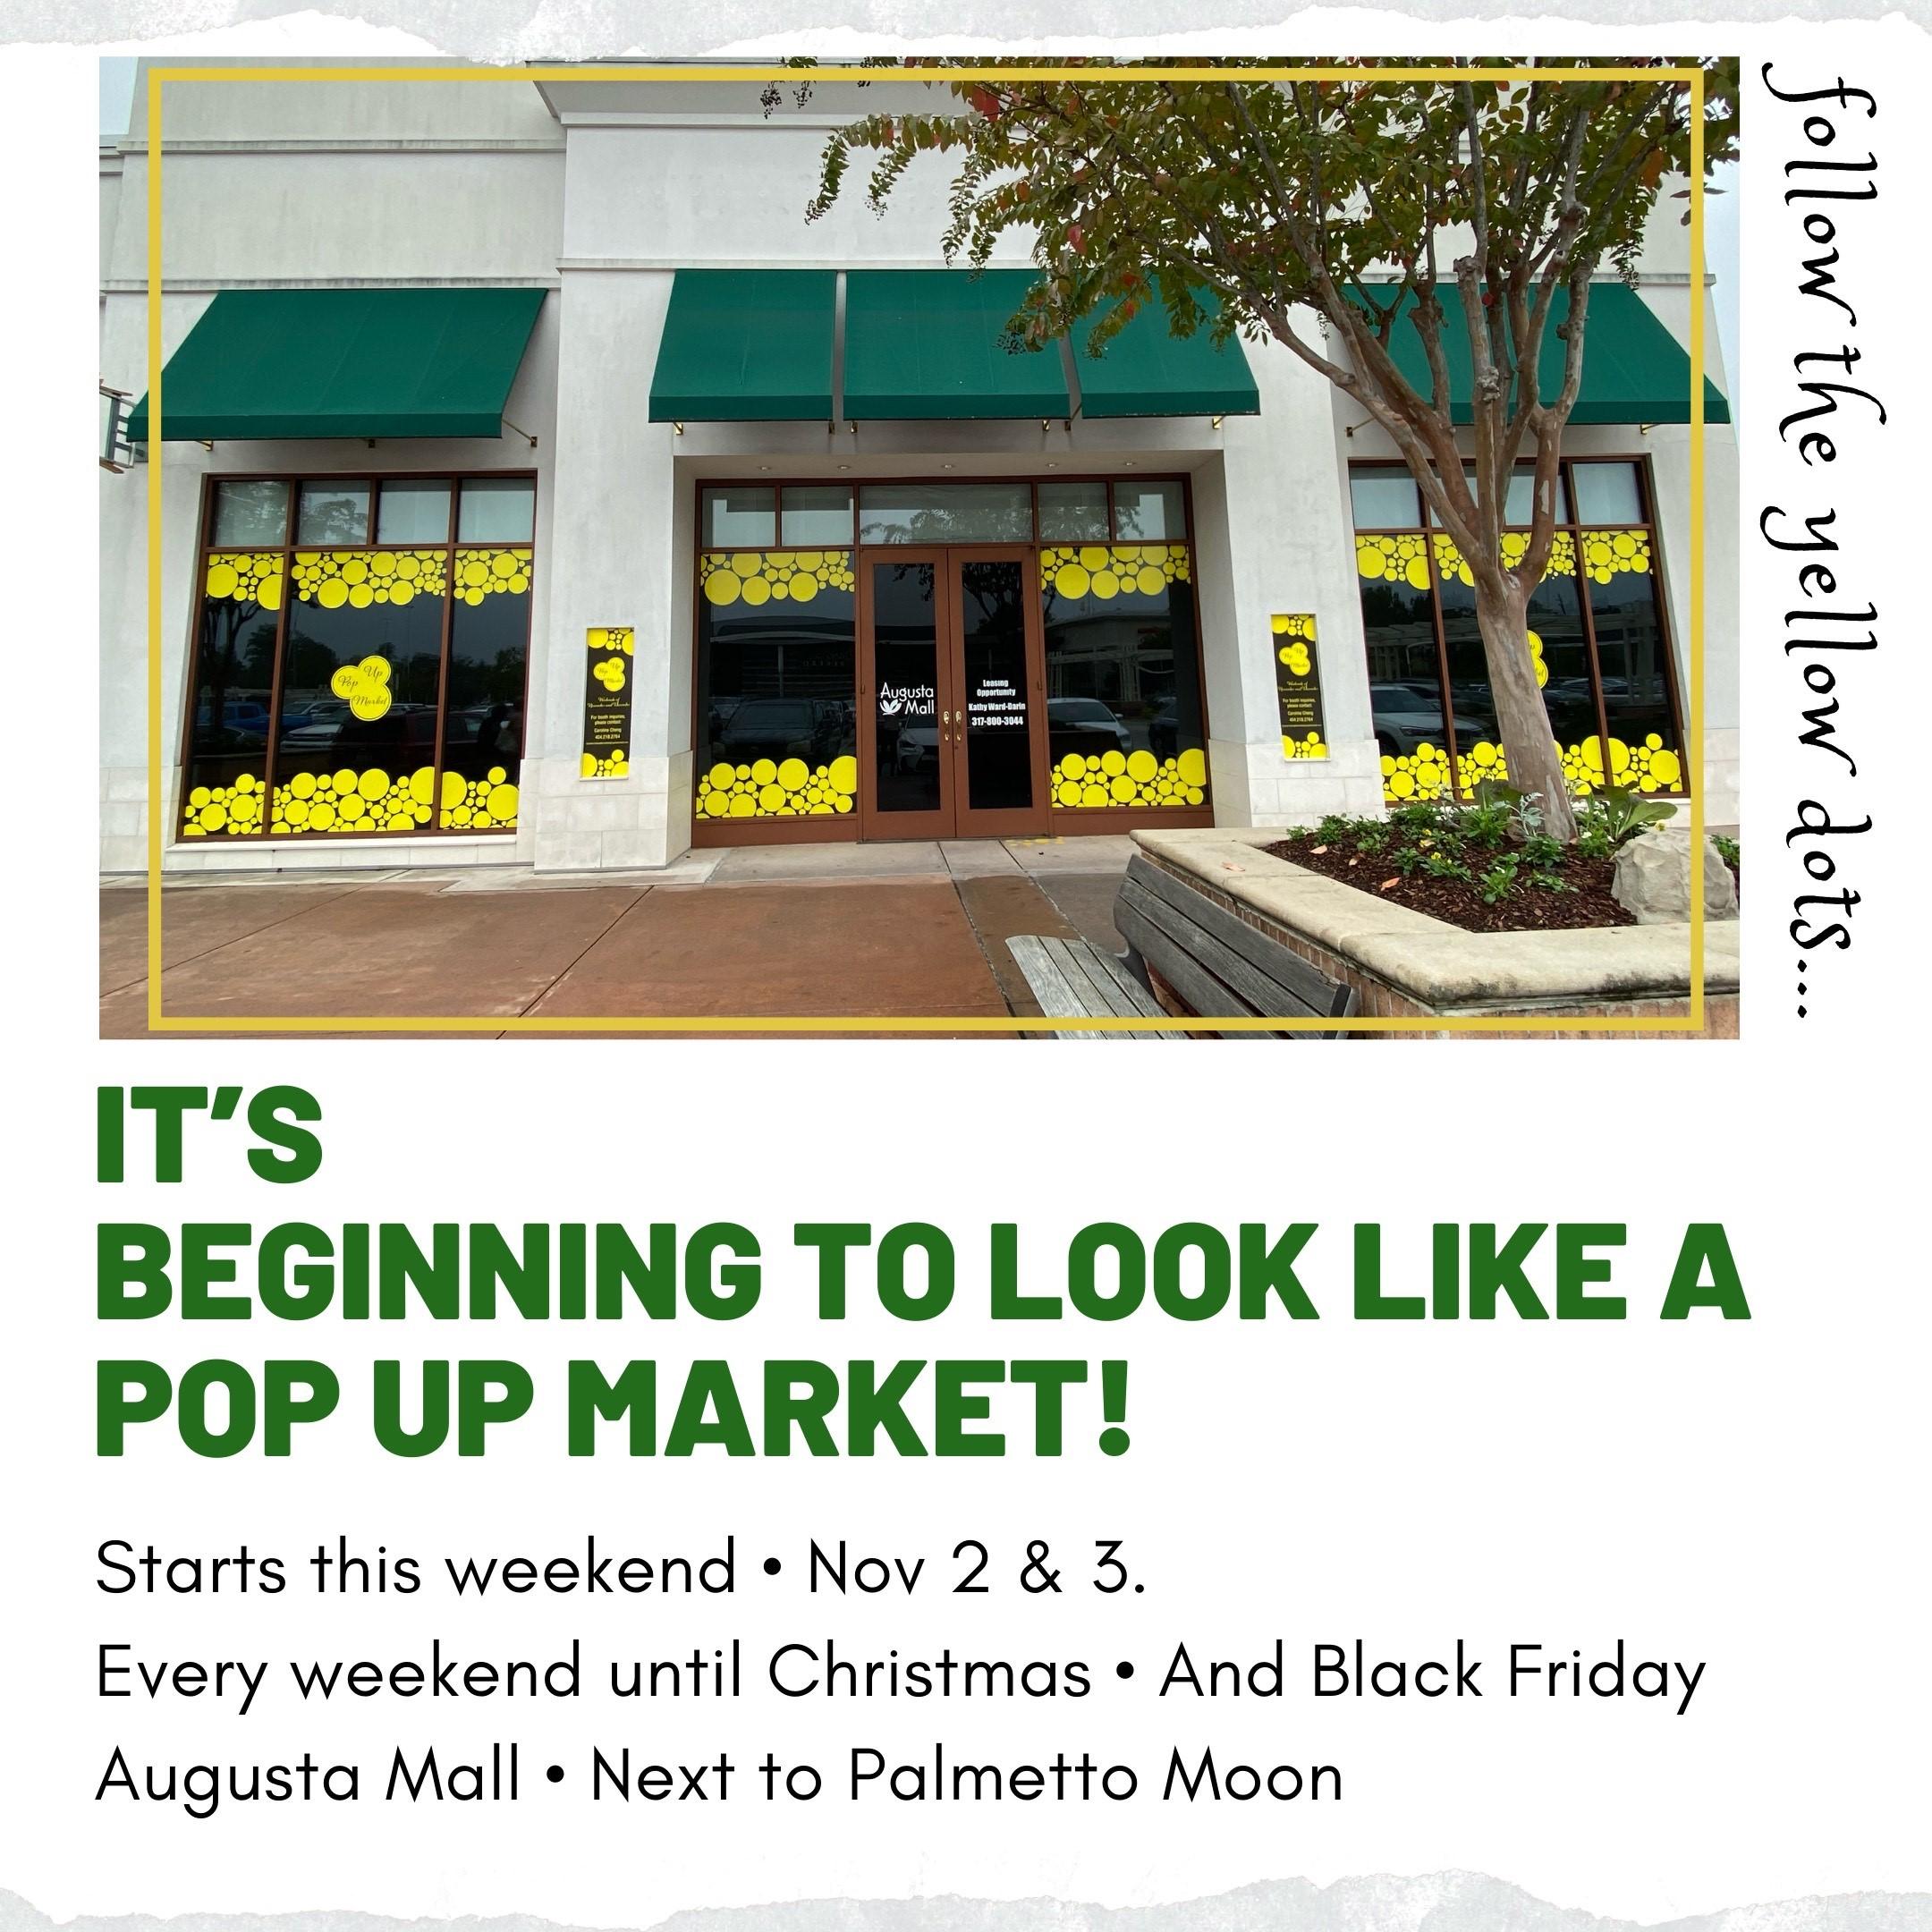 Shop our 1st annual Pop Up Market